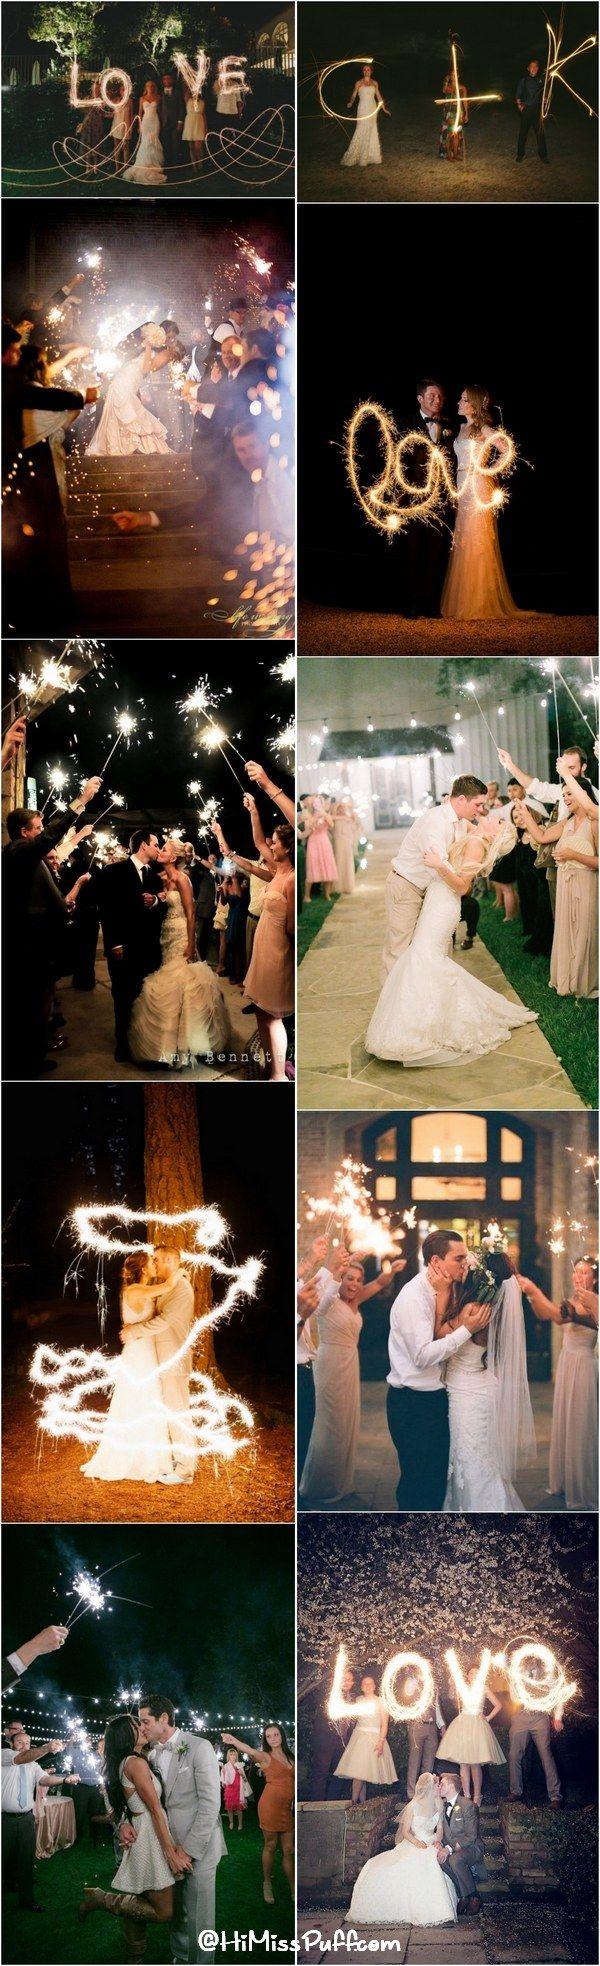 50 Sparkler Wedding Exit Send Off Ideas Http Www Himisspuff Com Sparkler Wedding Exit Send Off Ideas Sparkler Exit Wedding Wedding Sparklers Wedding